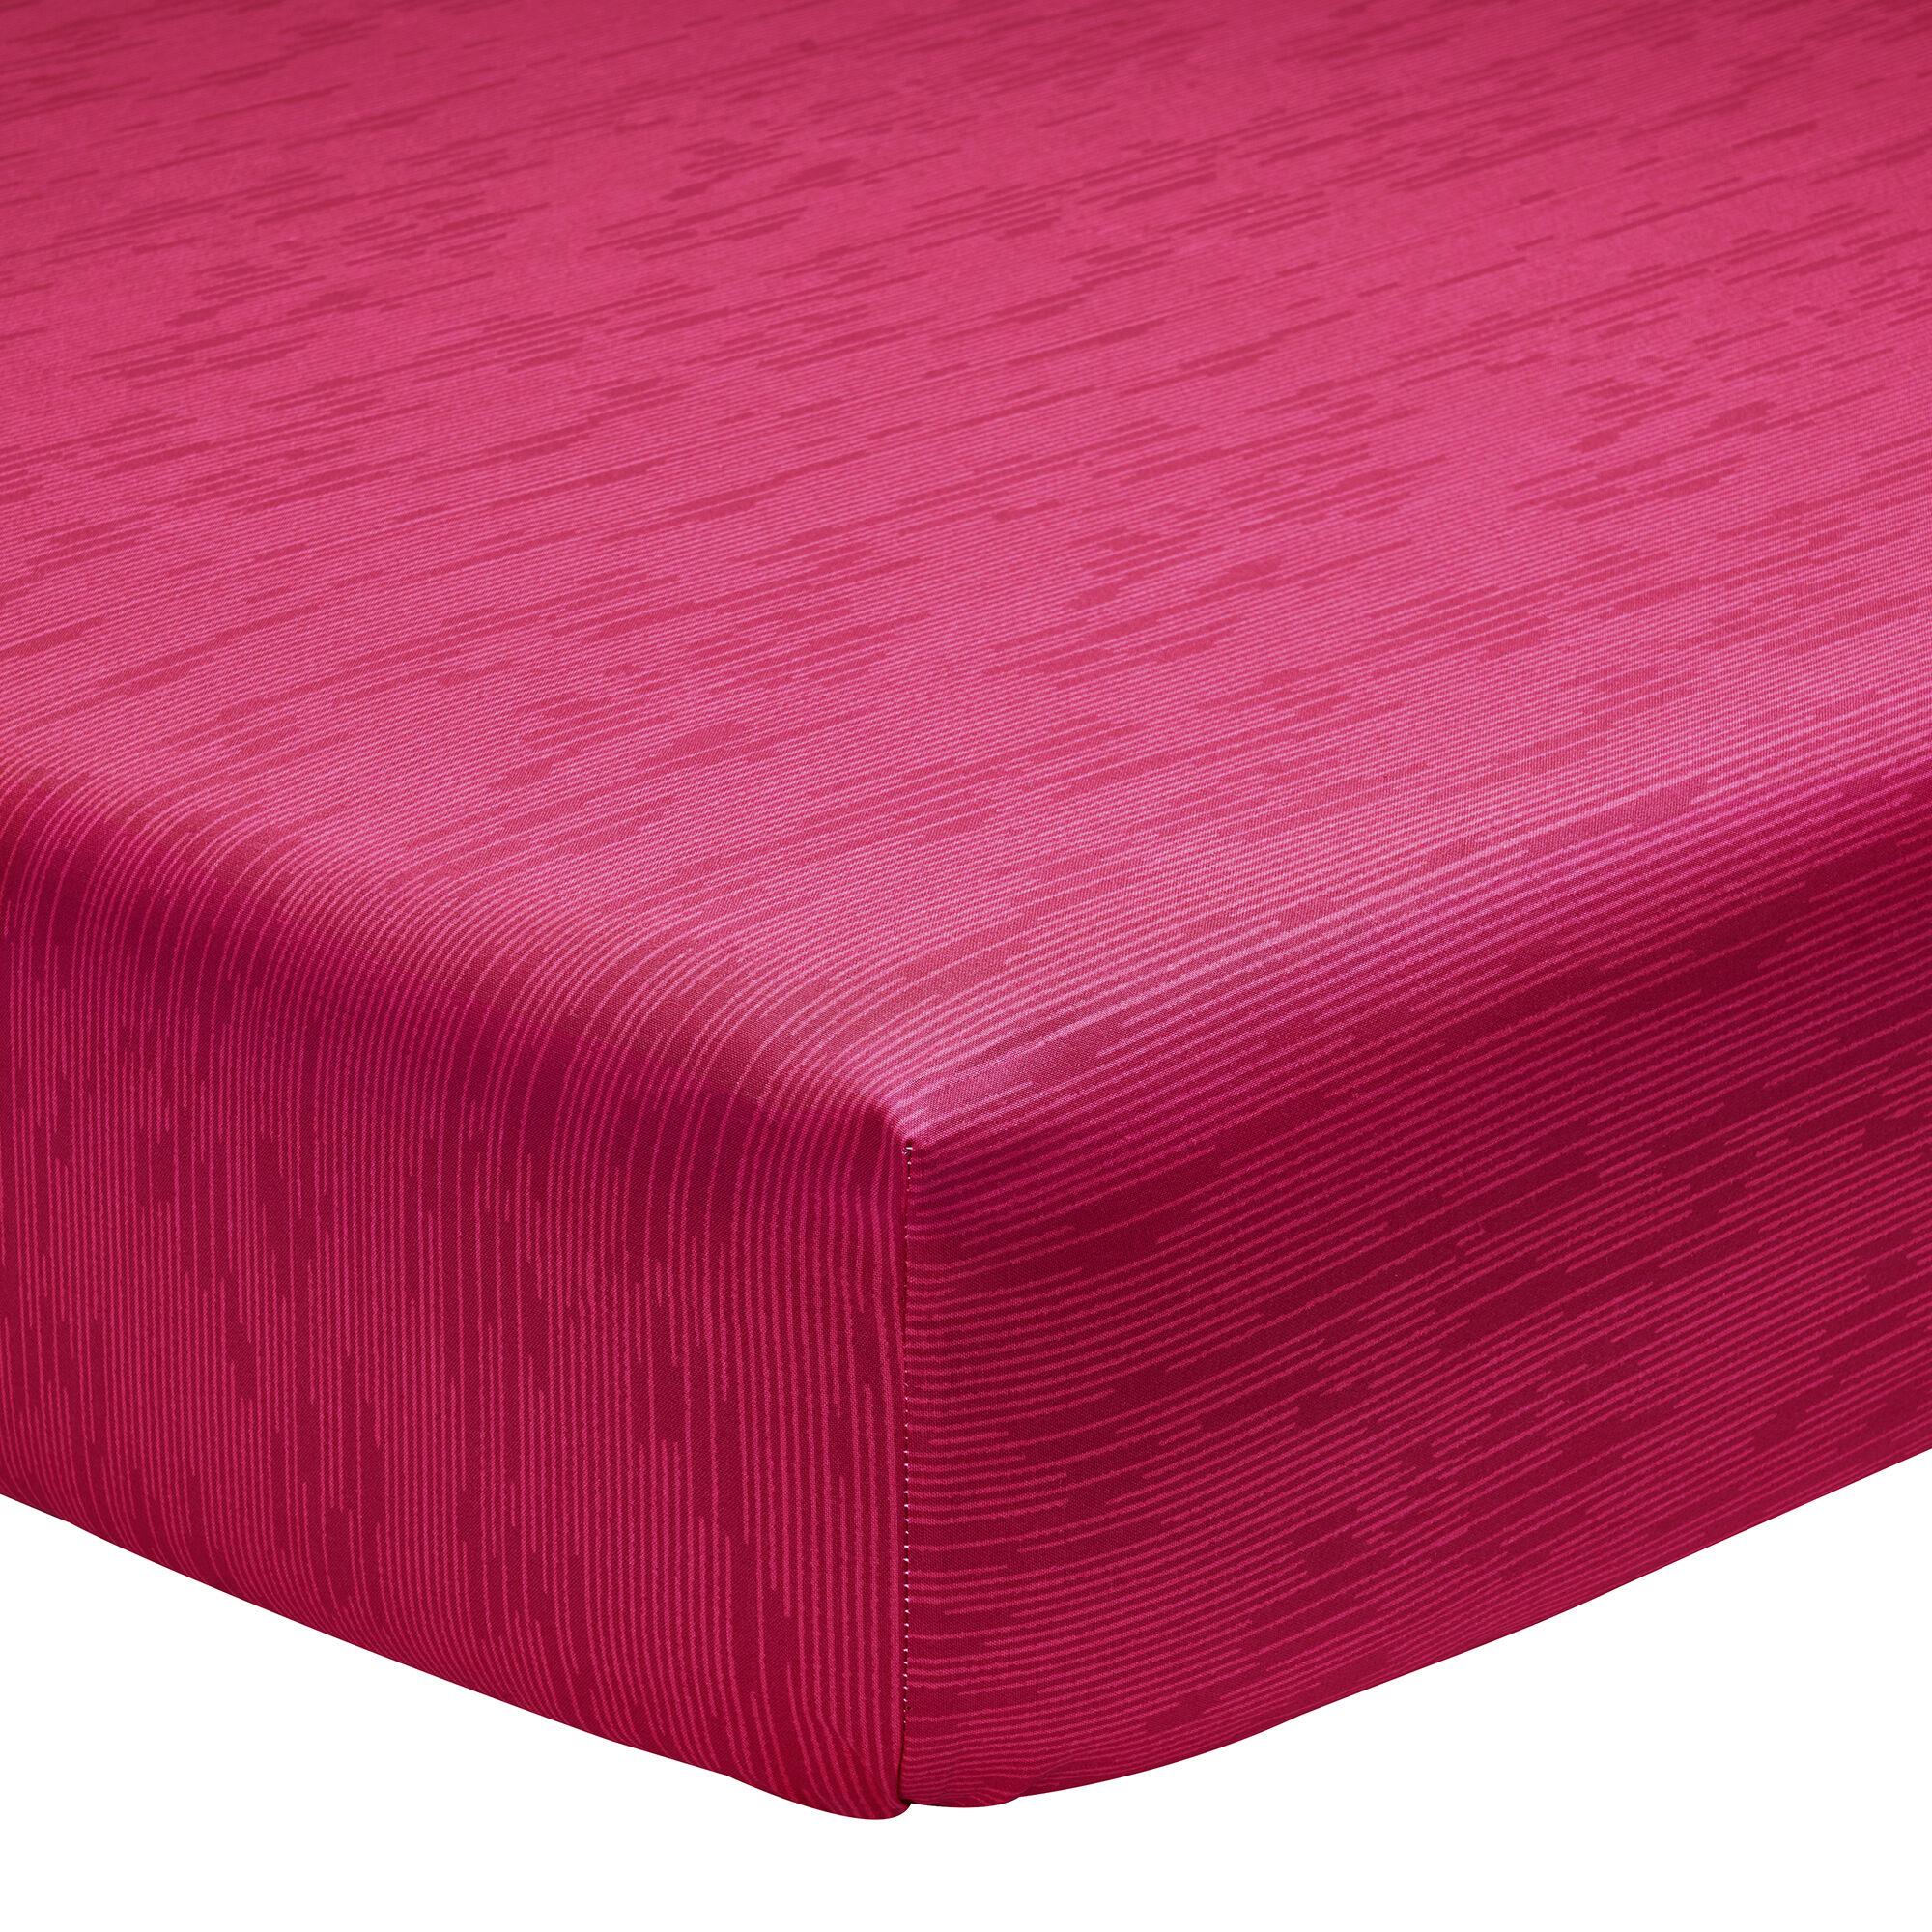 Origin Drap housse imprimé en lyocell rouge 140x190